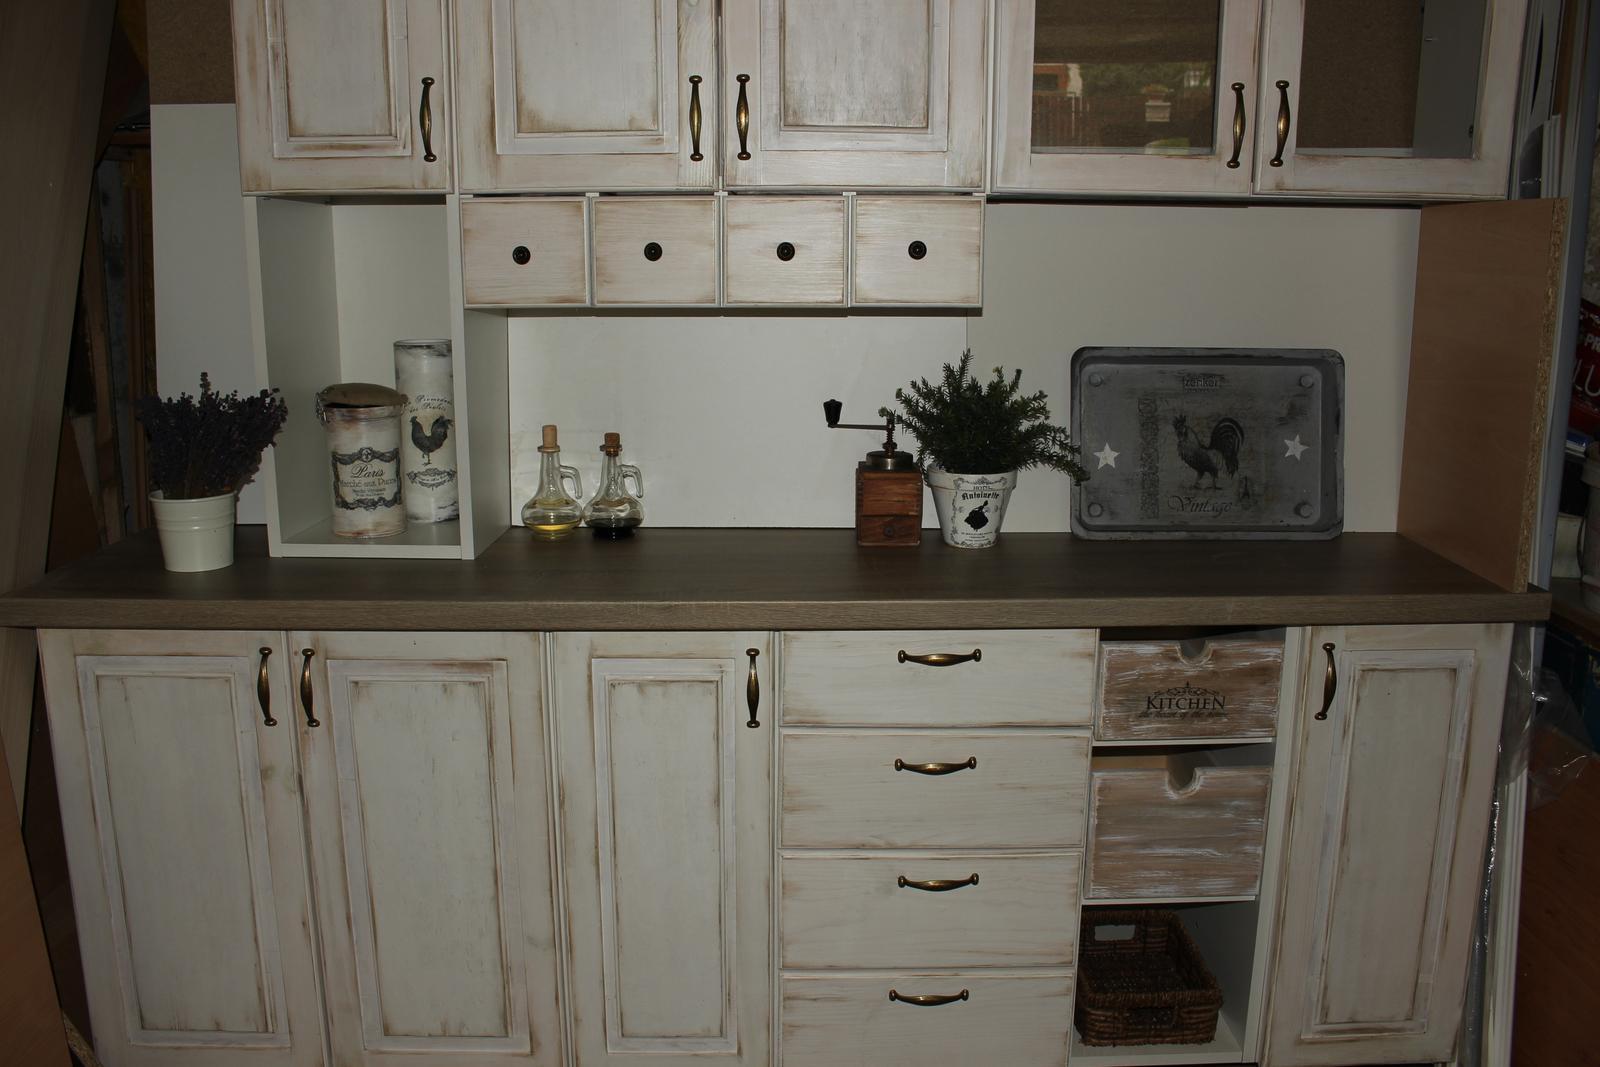 Môj obľúbený provensálsky štýl - Túto kuchyňu som navrhla ( nevyrobila), ale povrchovo dotvorila, urobila doplnky...zatiaľ stojí v garáži.